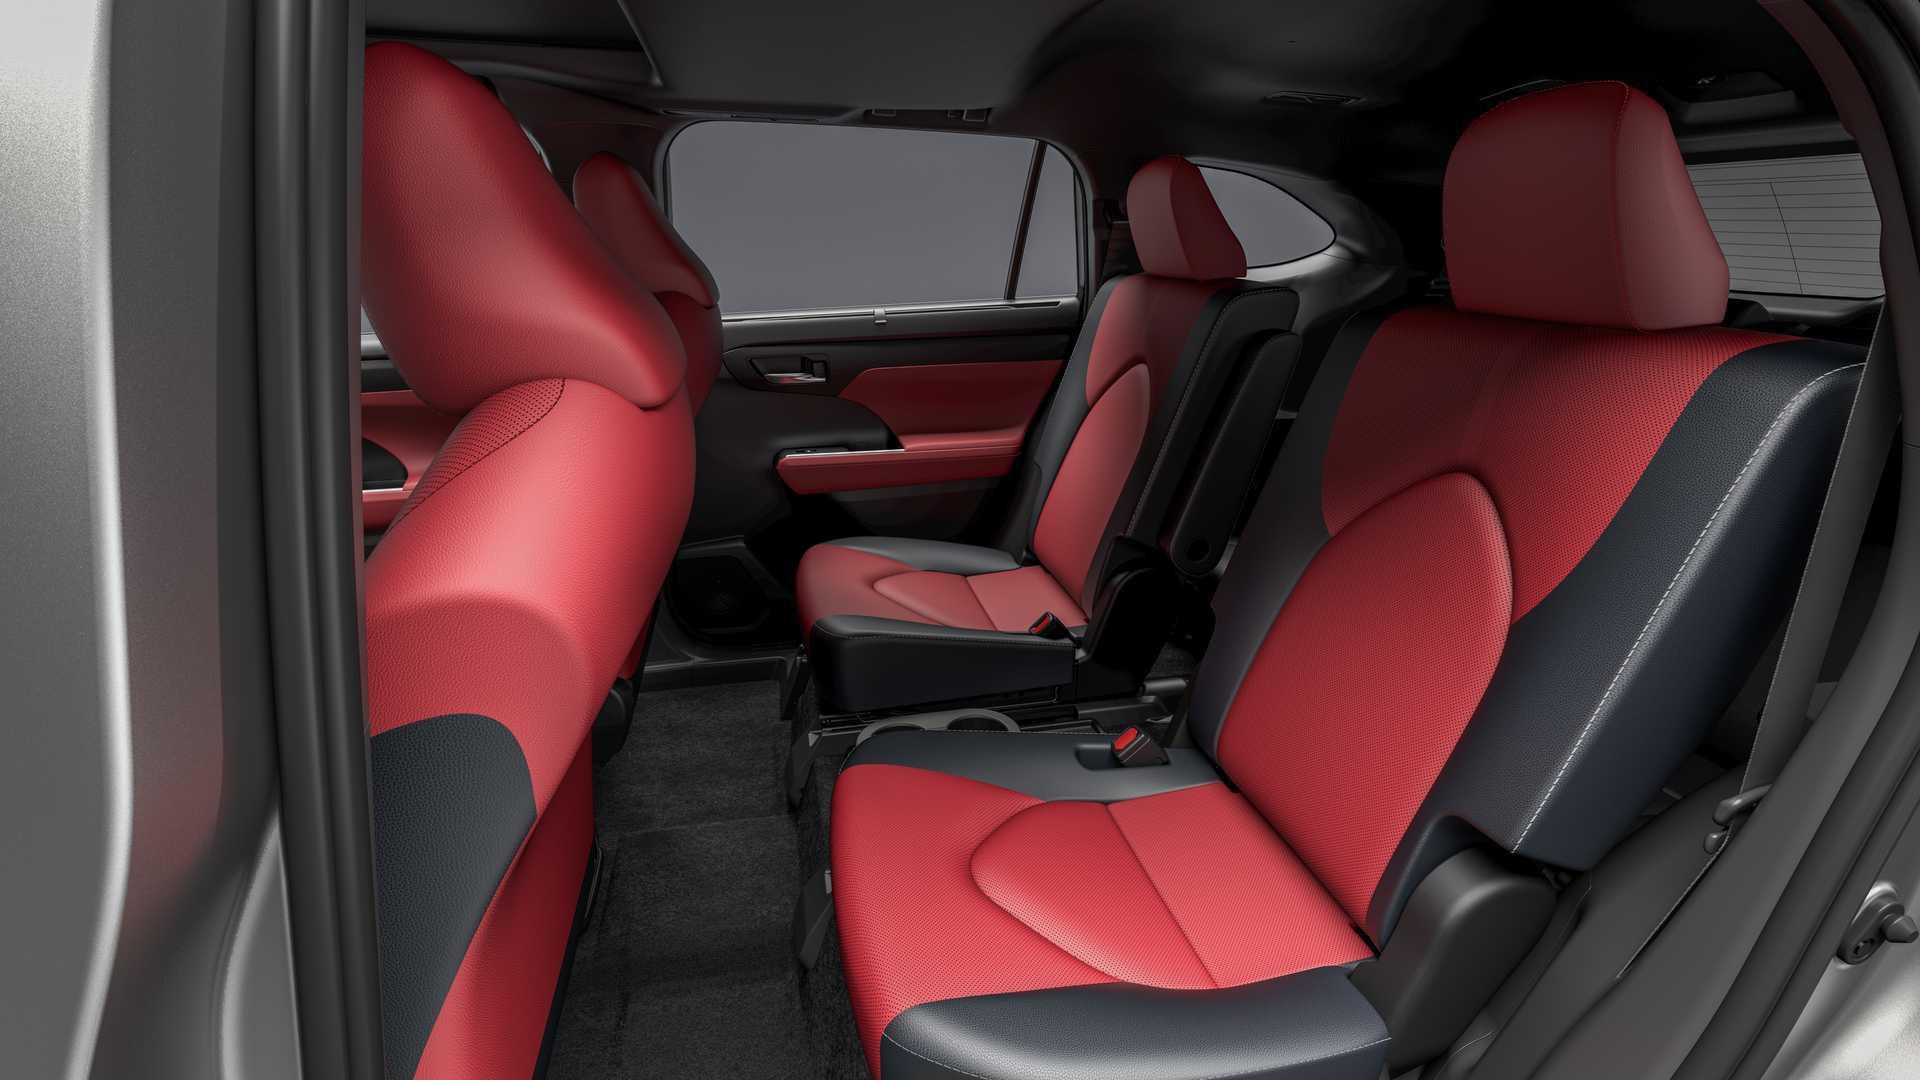 Toyota Highlander XSE 2021 hoàn toàn mới, đậm chất thể thao - 7